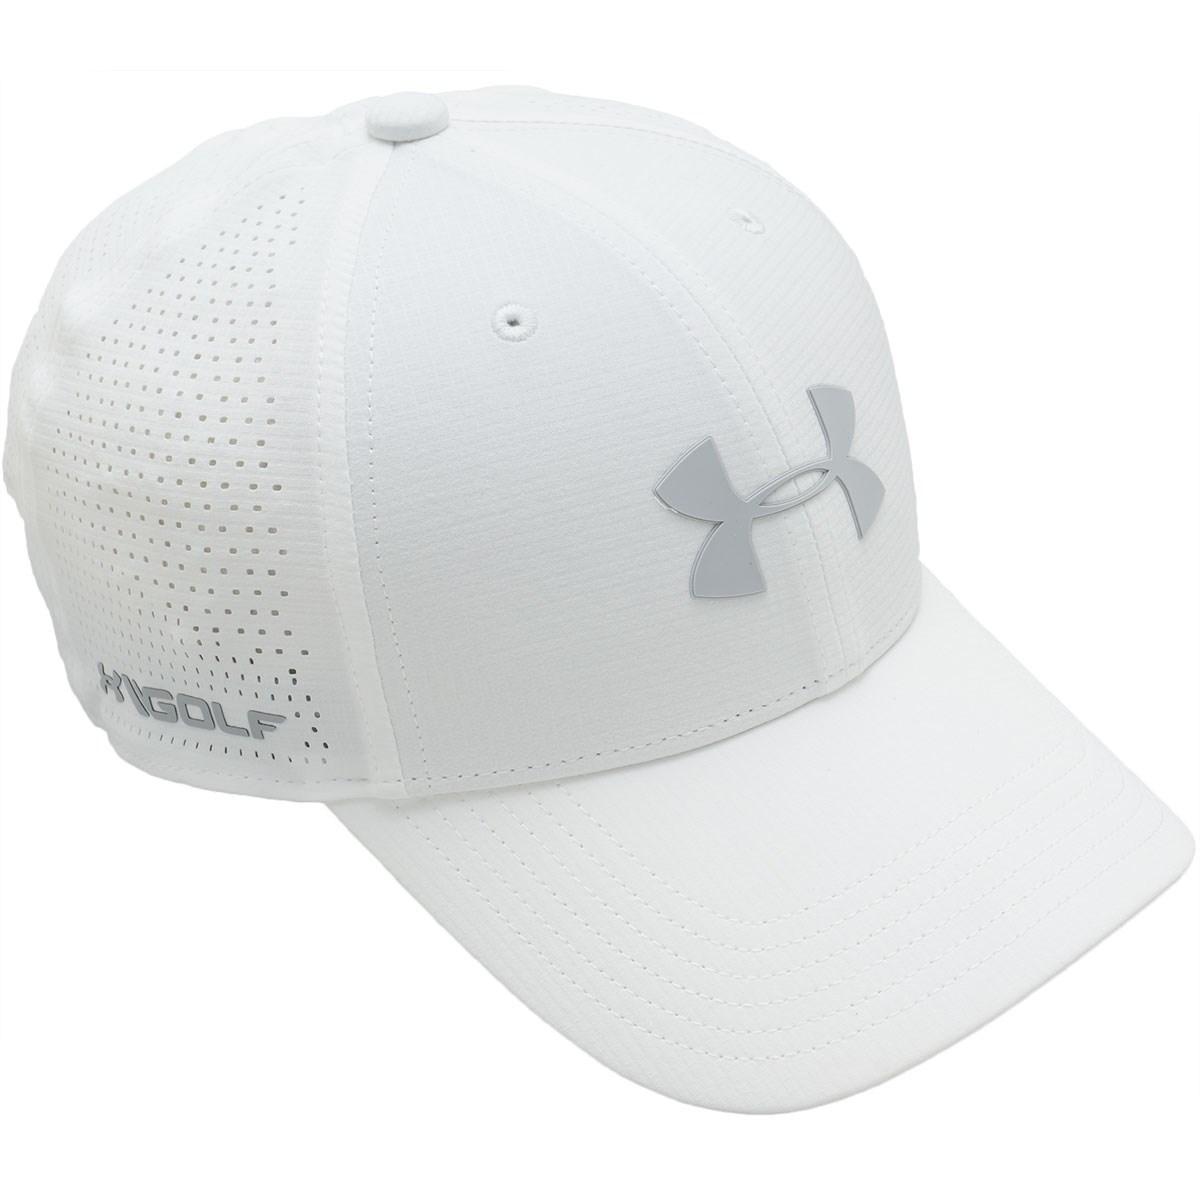 アンダーアーマー Under Armour UA ドライバーキャップ 3.0 ワンサイズ White/Mod Gray